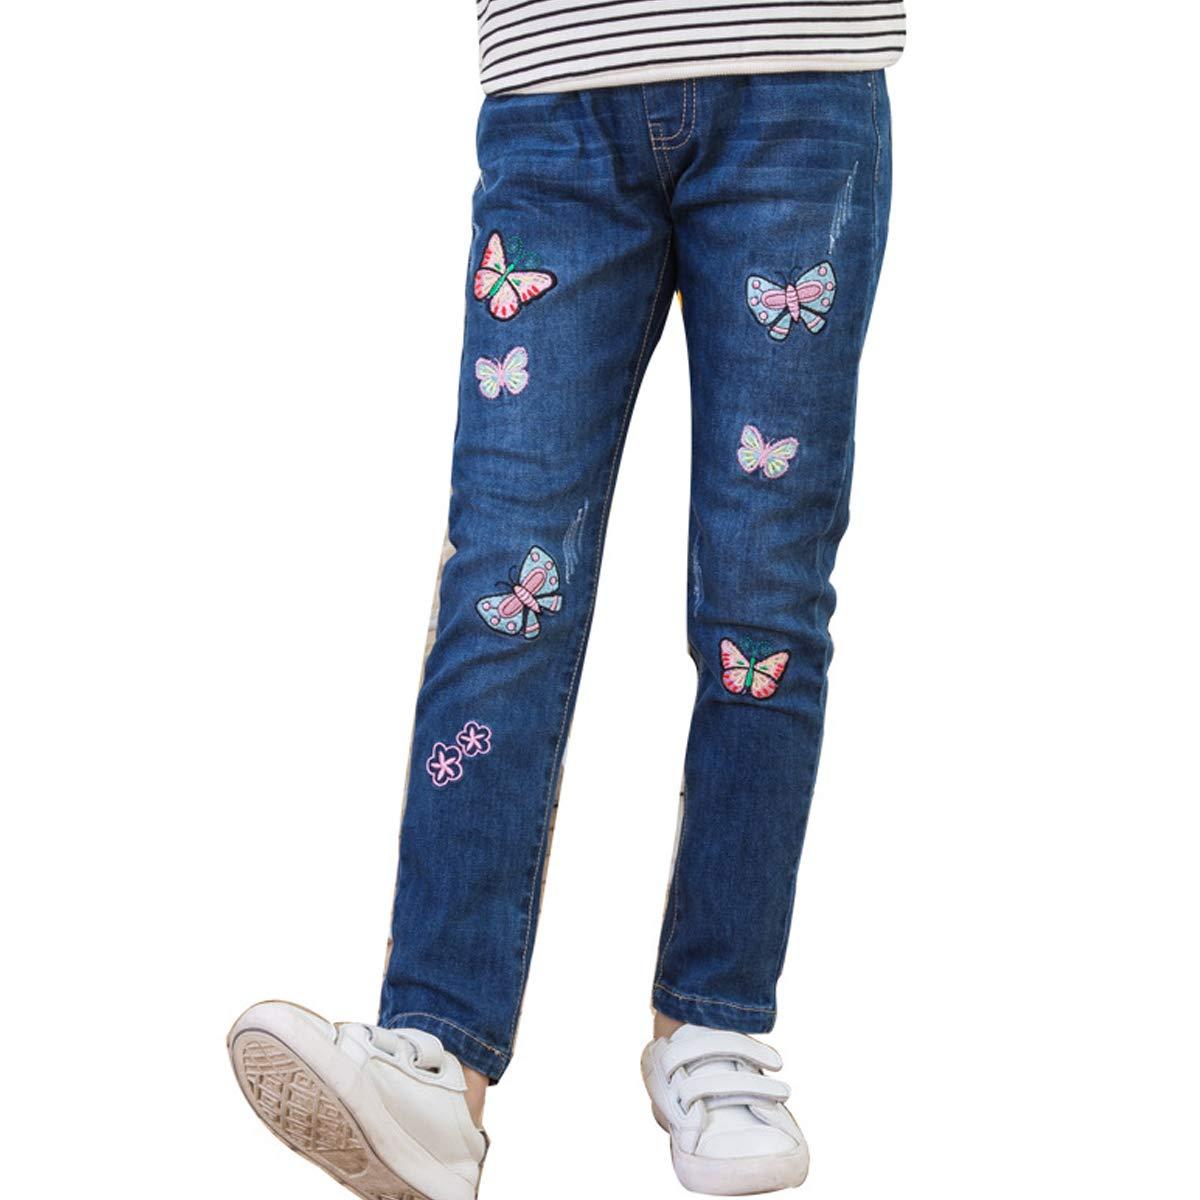 OnlyAngel Girls Denim Pants Butterfly Printed Slim Elastic Waist Jeans Age 4-12 (9-10 Years, Blue)